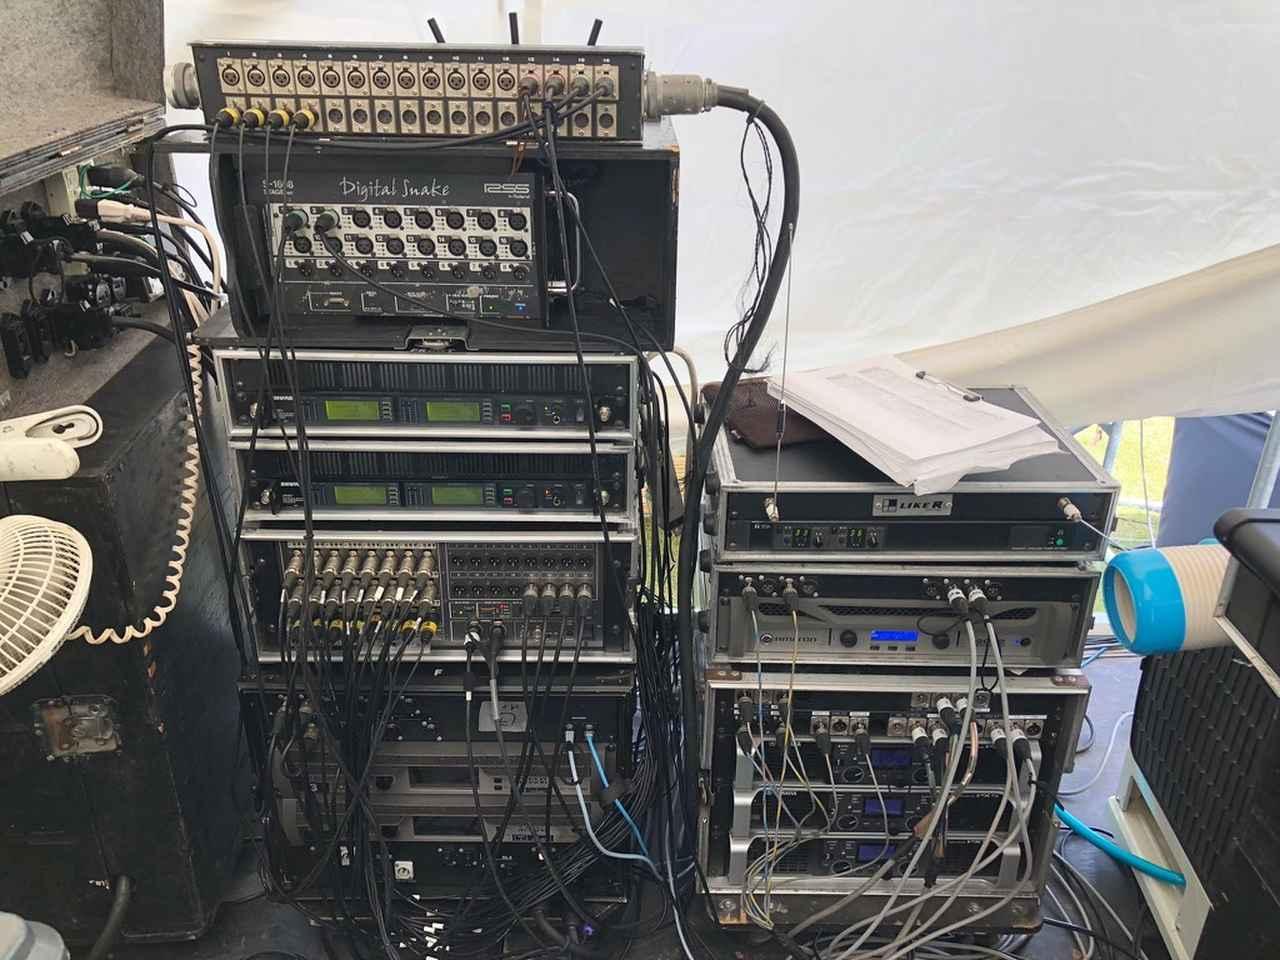 画像: ステージ袖に設置された機材。「M-5000」の入出力を担う「ローランド Digital Snake S-2416」や同「Digital Snake S-1608」などが置かれている